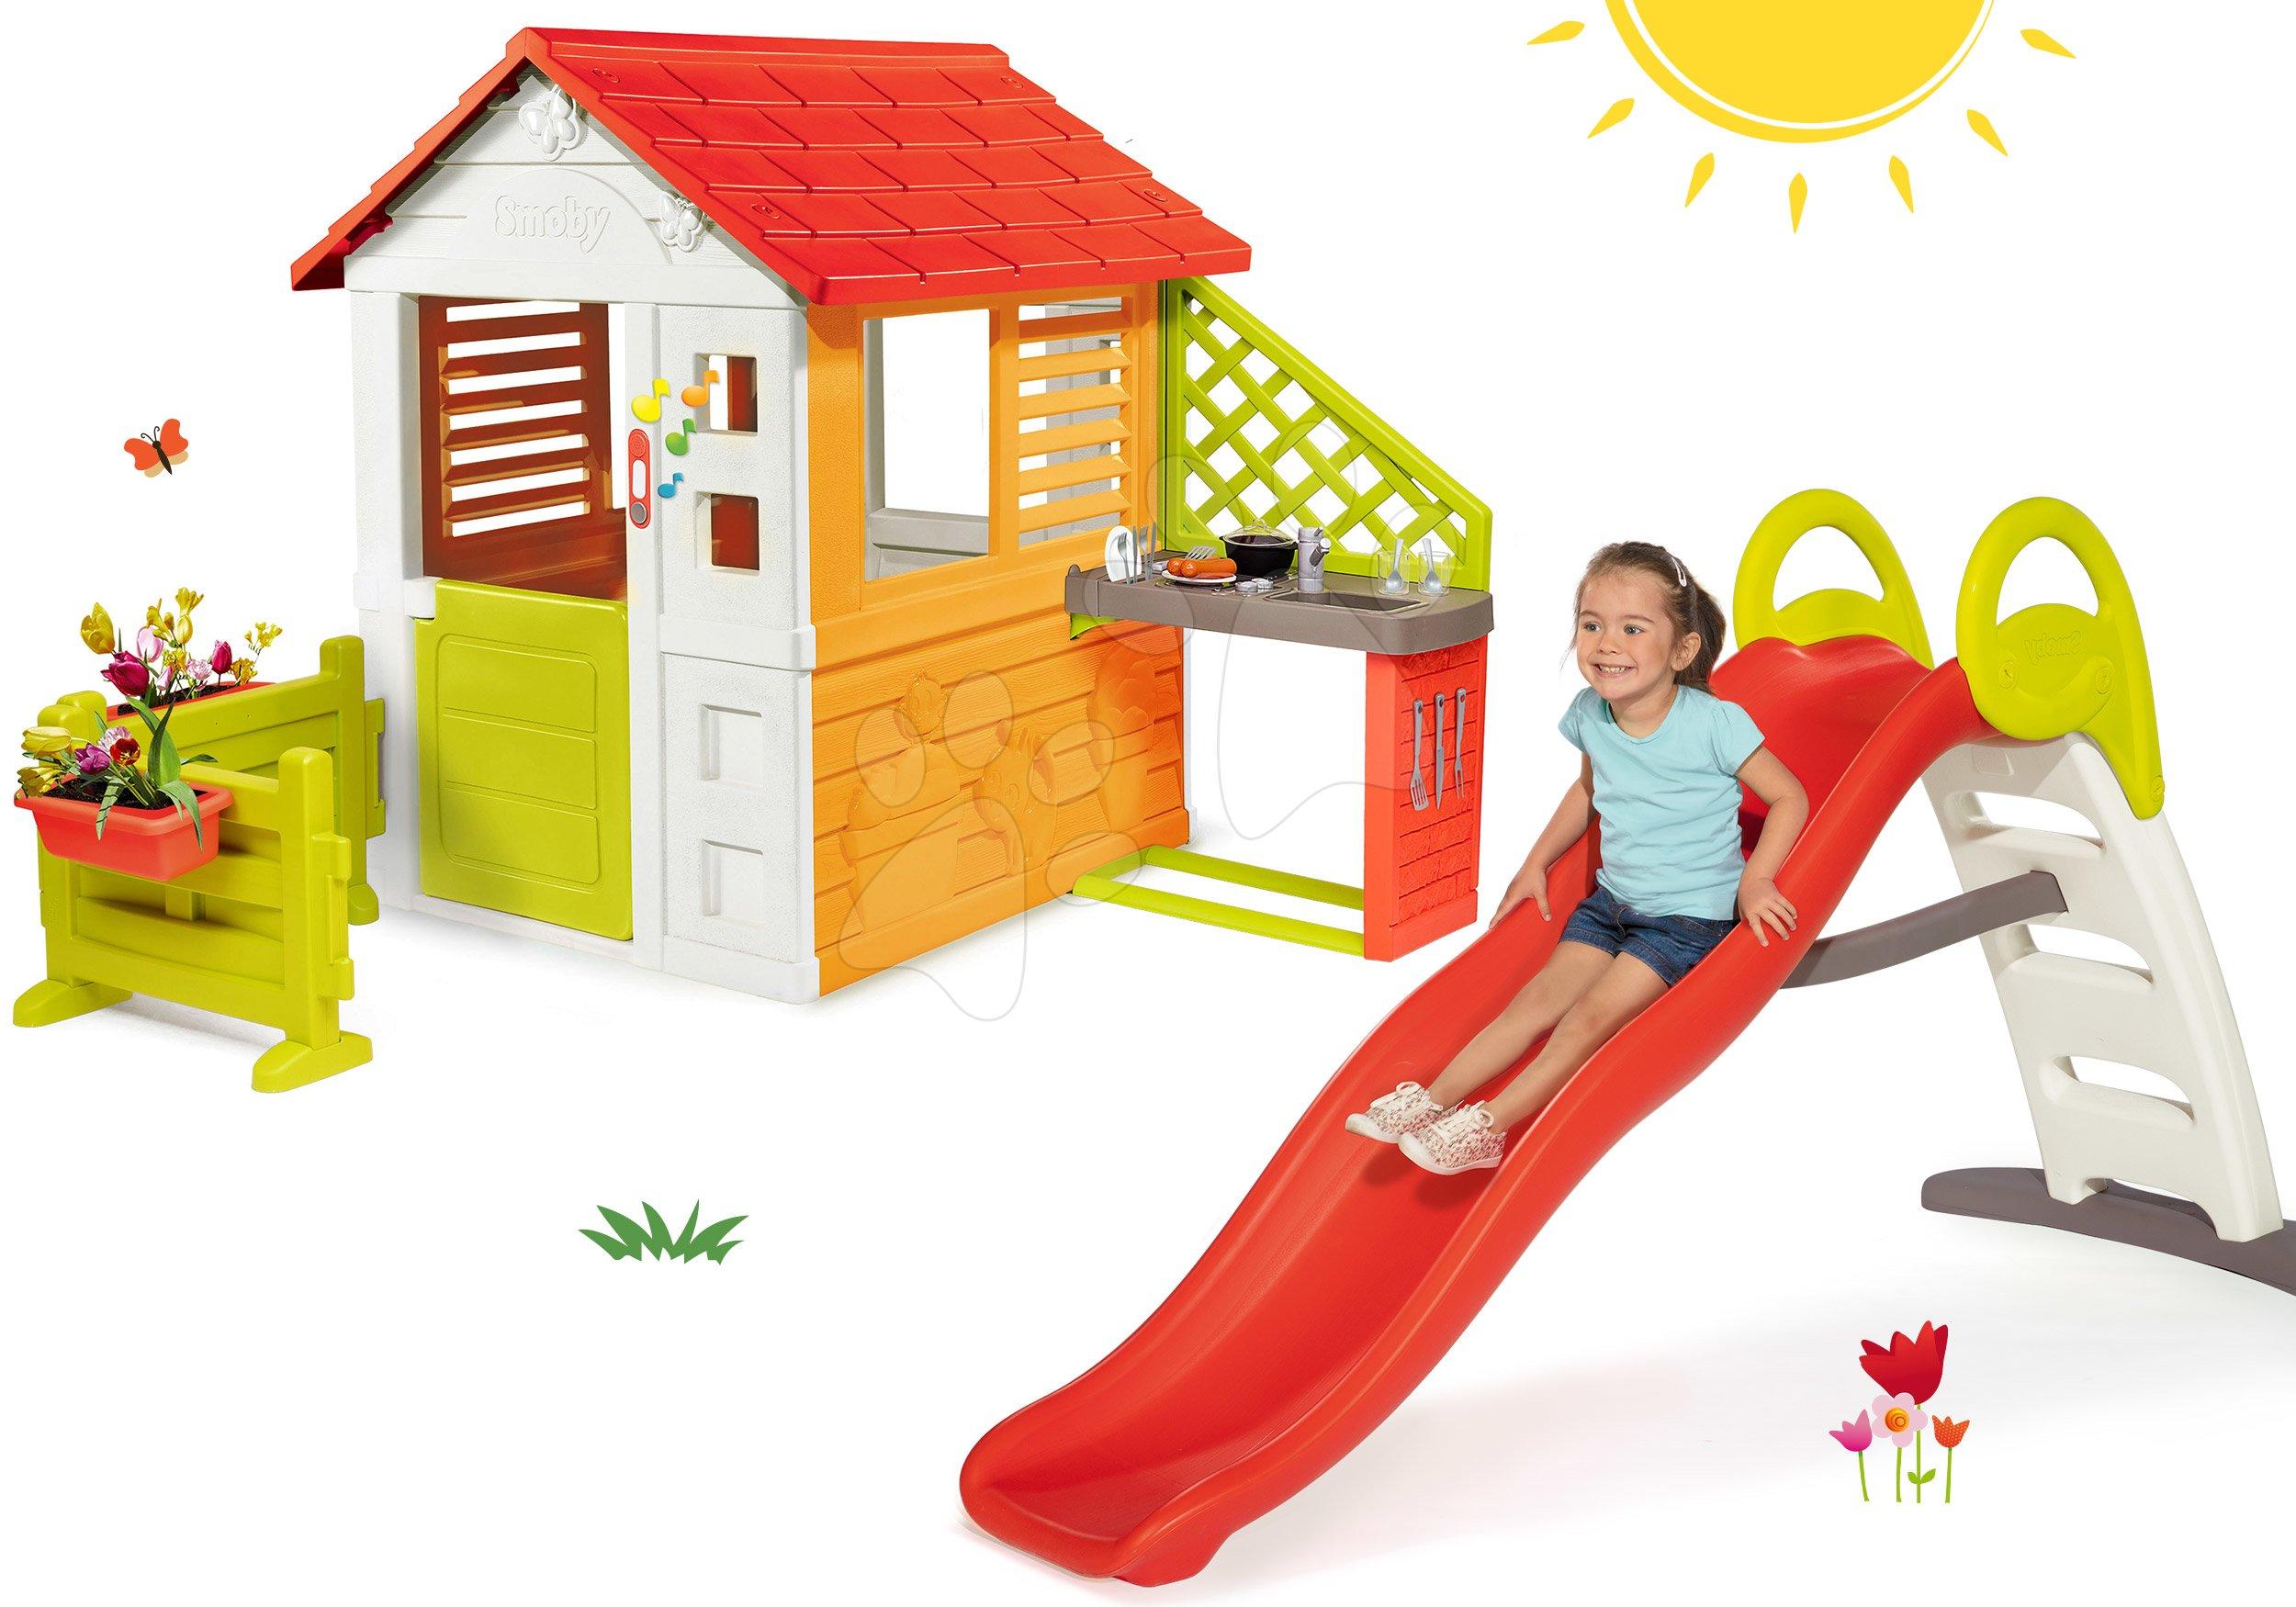 Set domeček Sluníčko Sunny Smoby s kuchyňkou a zahrádka s 2metrovou skluzavkou